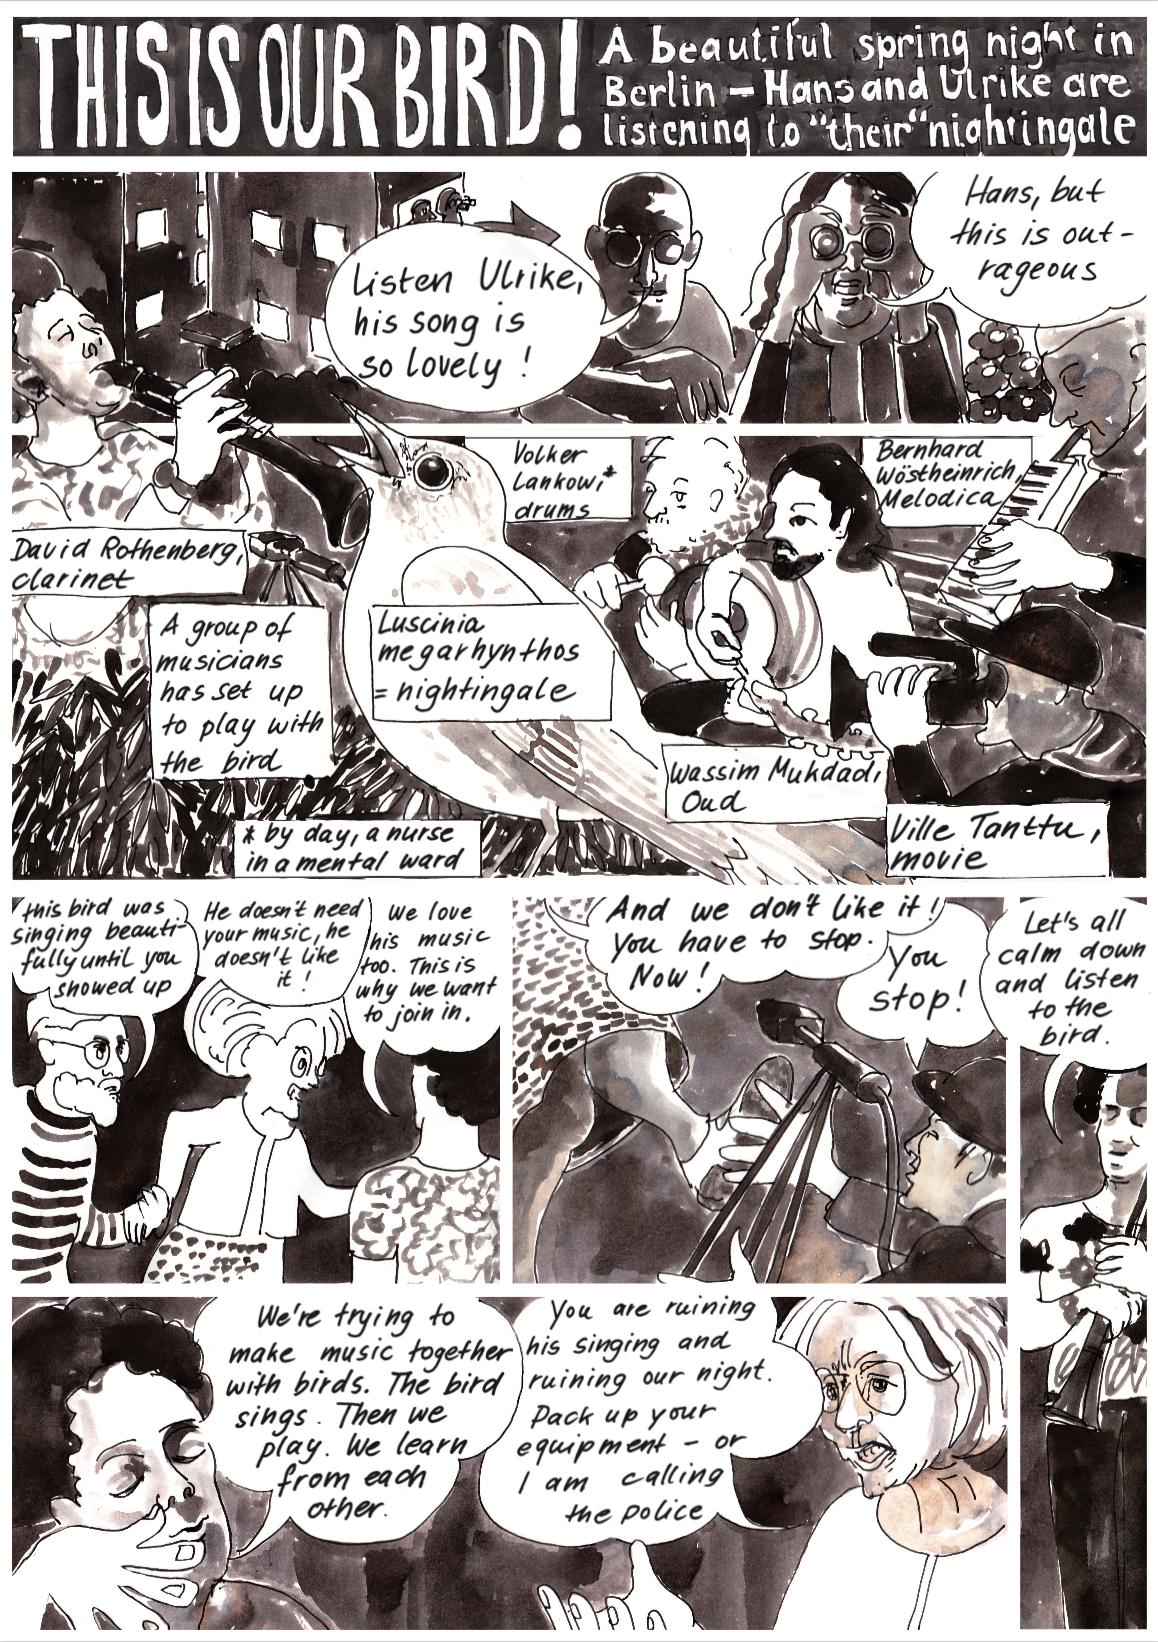 comic by Christine Kriegerowski